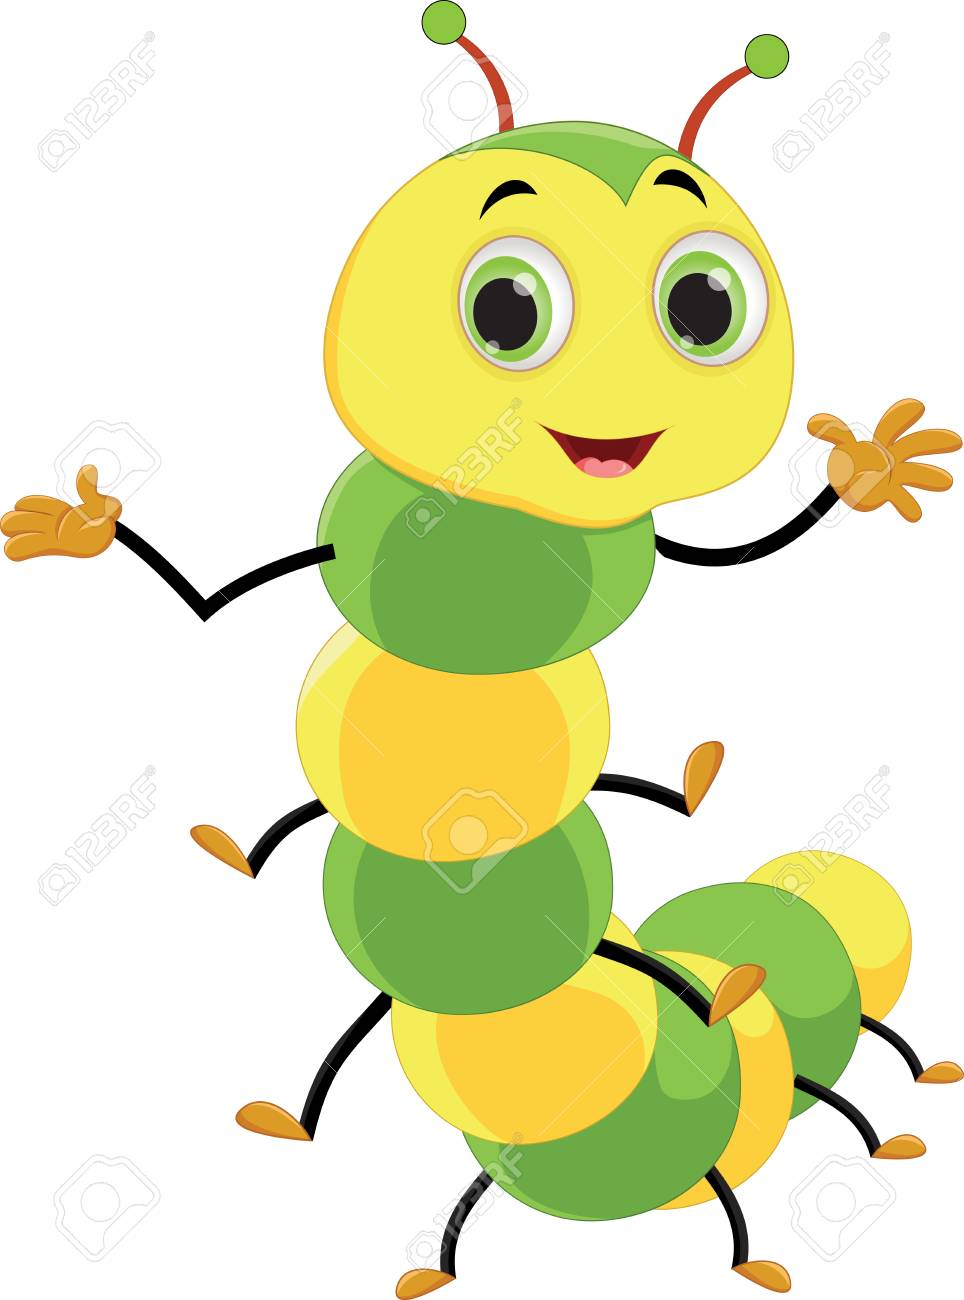 Cute Caterpillar Cartoon Vector Illustration Isolated On White